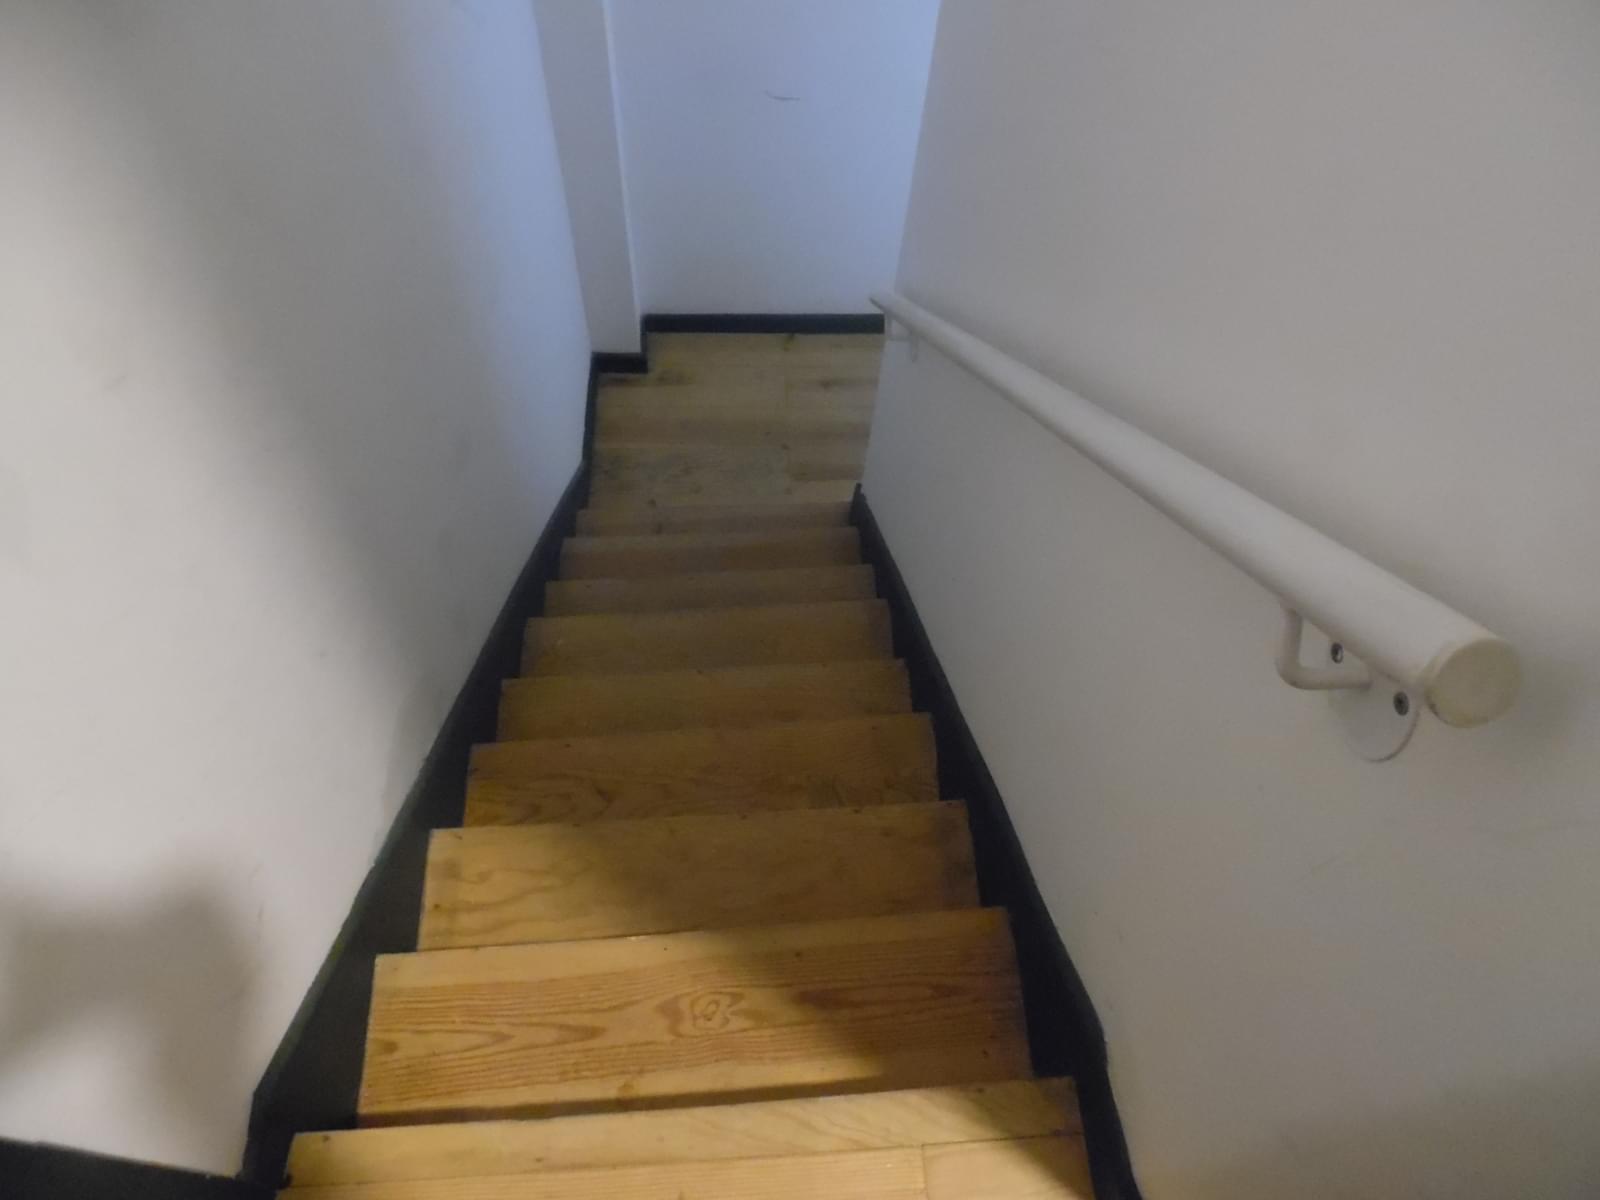 pf17147-apartamento-t2-lisboa-97559f41-540a-43ed-a9b7-b4343fa0030f